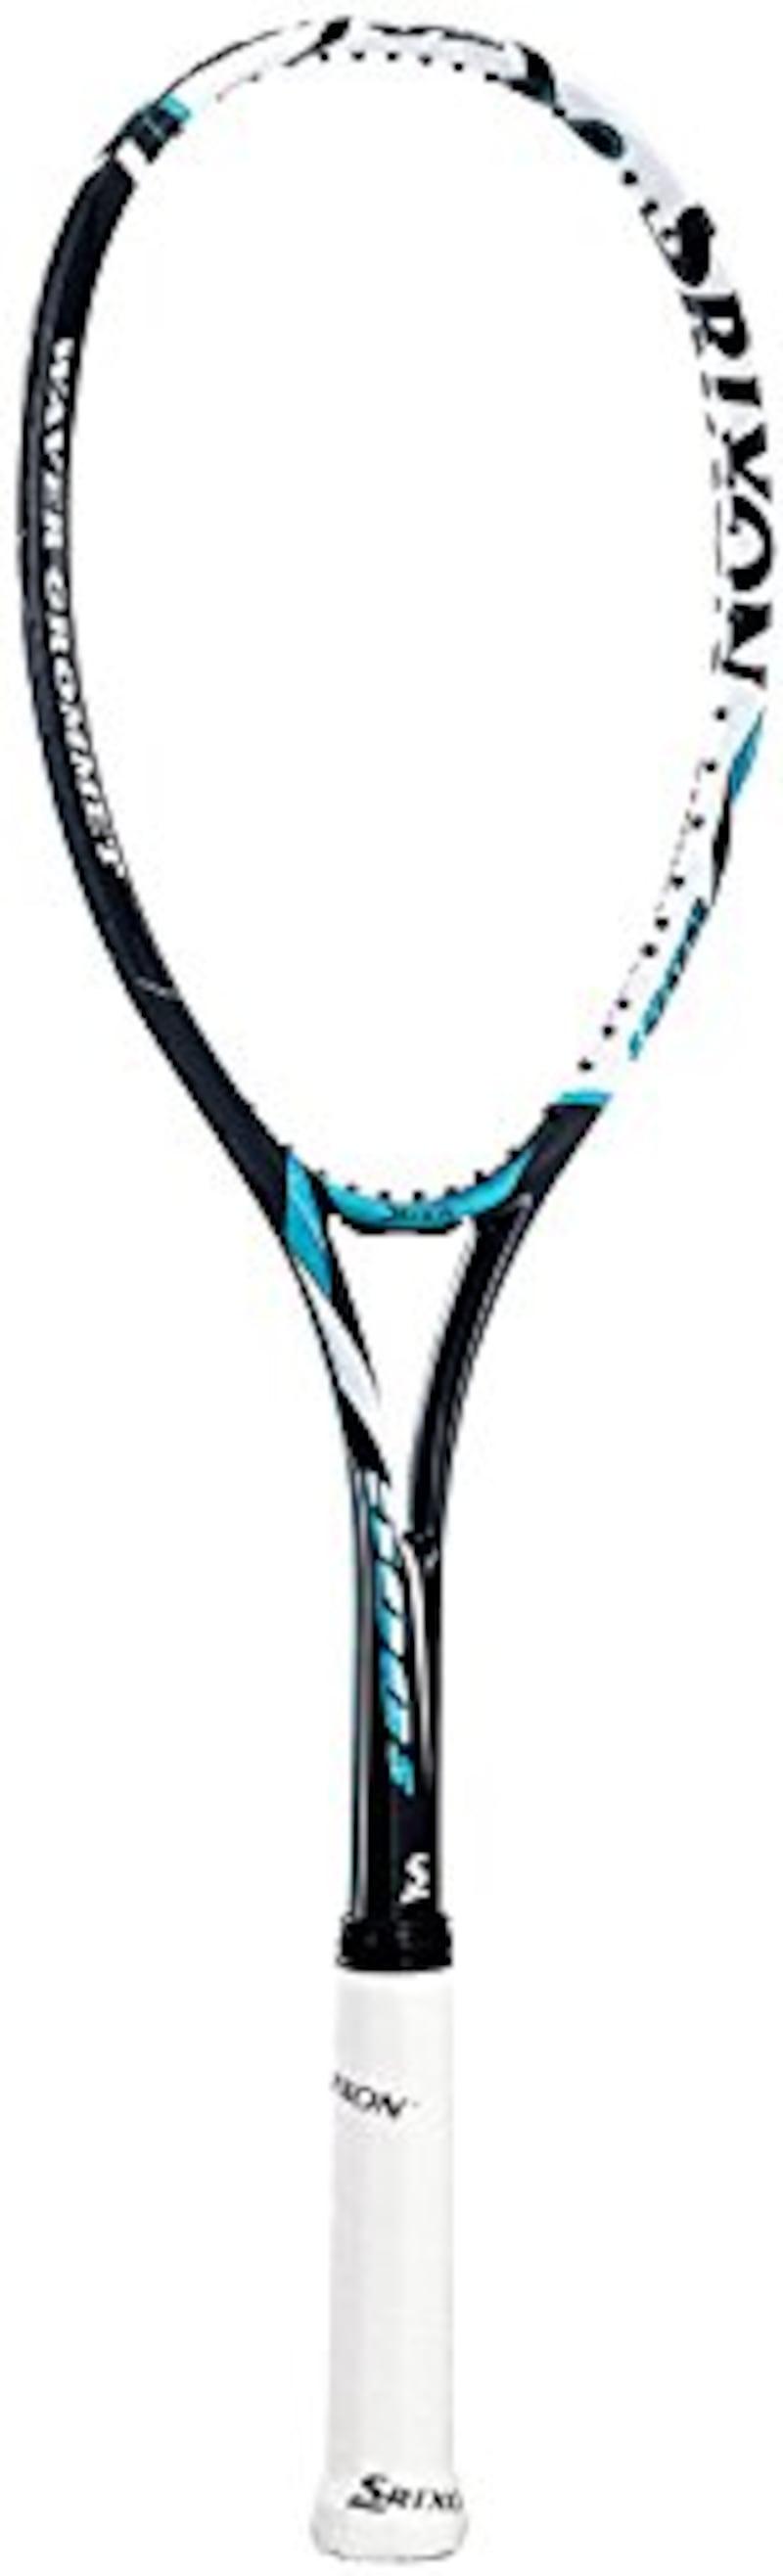 スリクソン(SRIXON),軟式テニス ラケット スリクソンV,SR11802